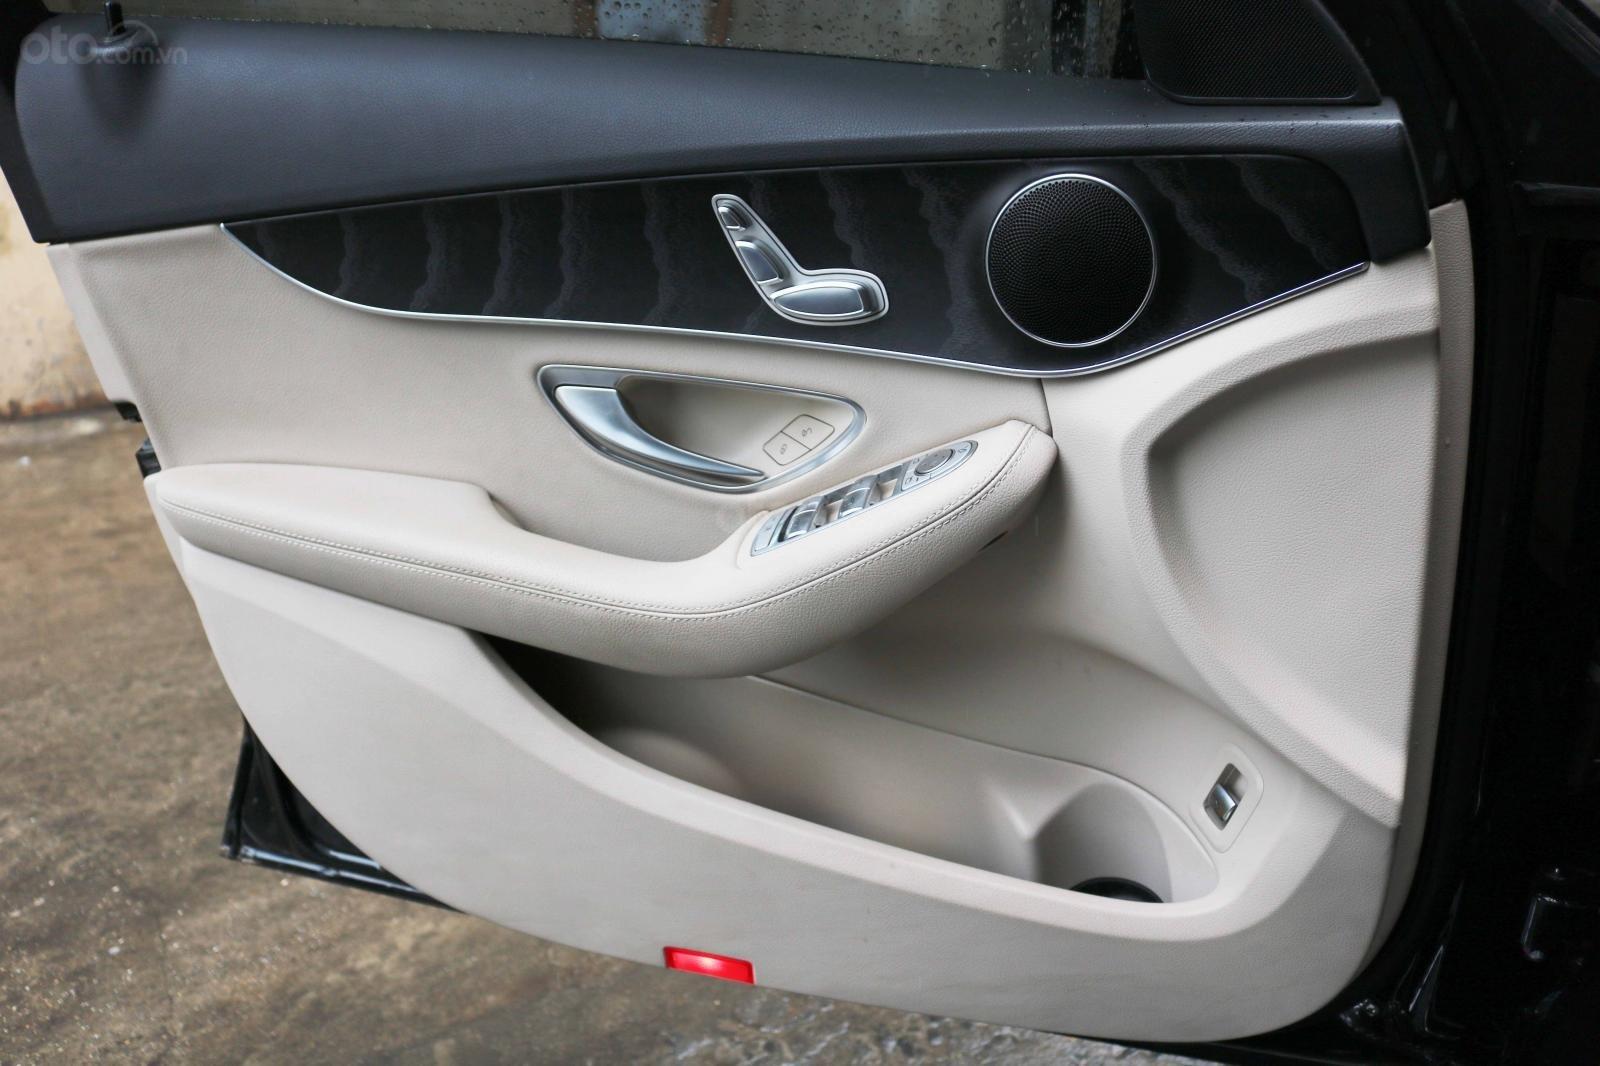 Bán Mercedes C200 model 2017, đã đi 26000km, xe chính chủ-6